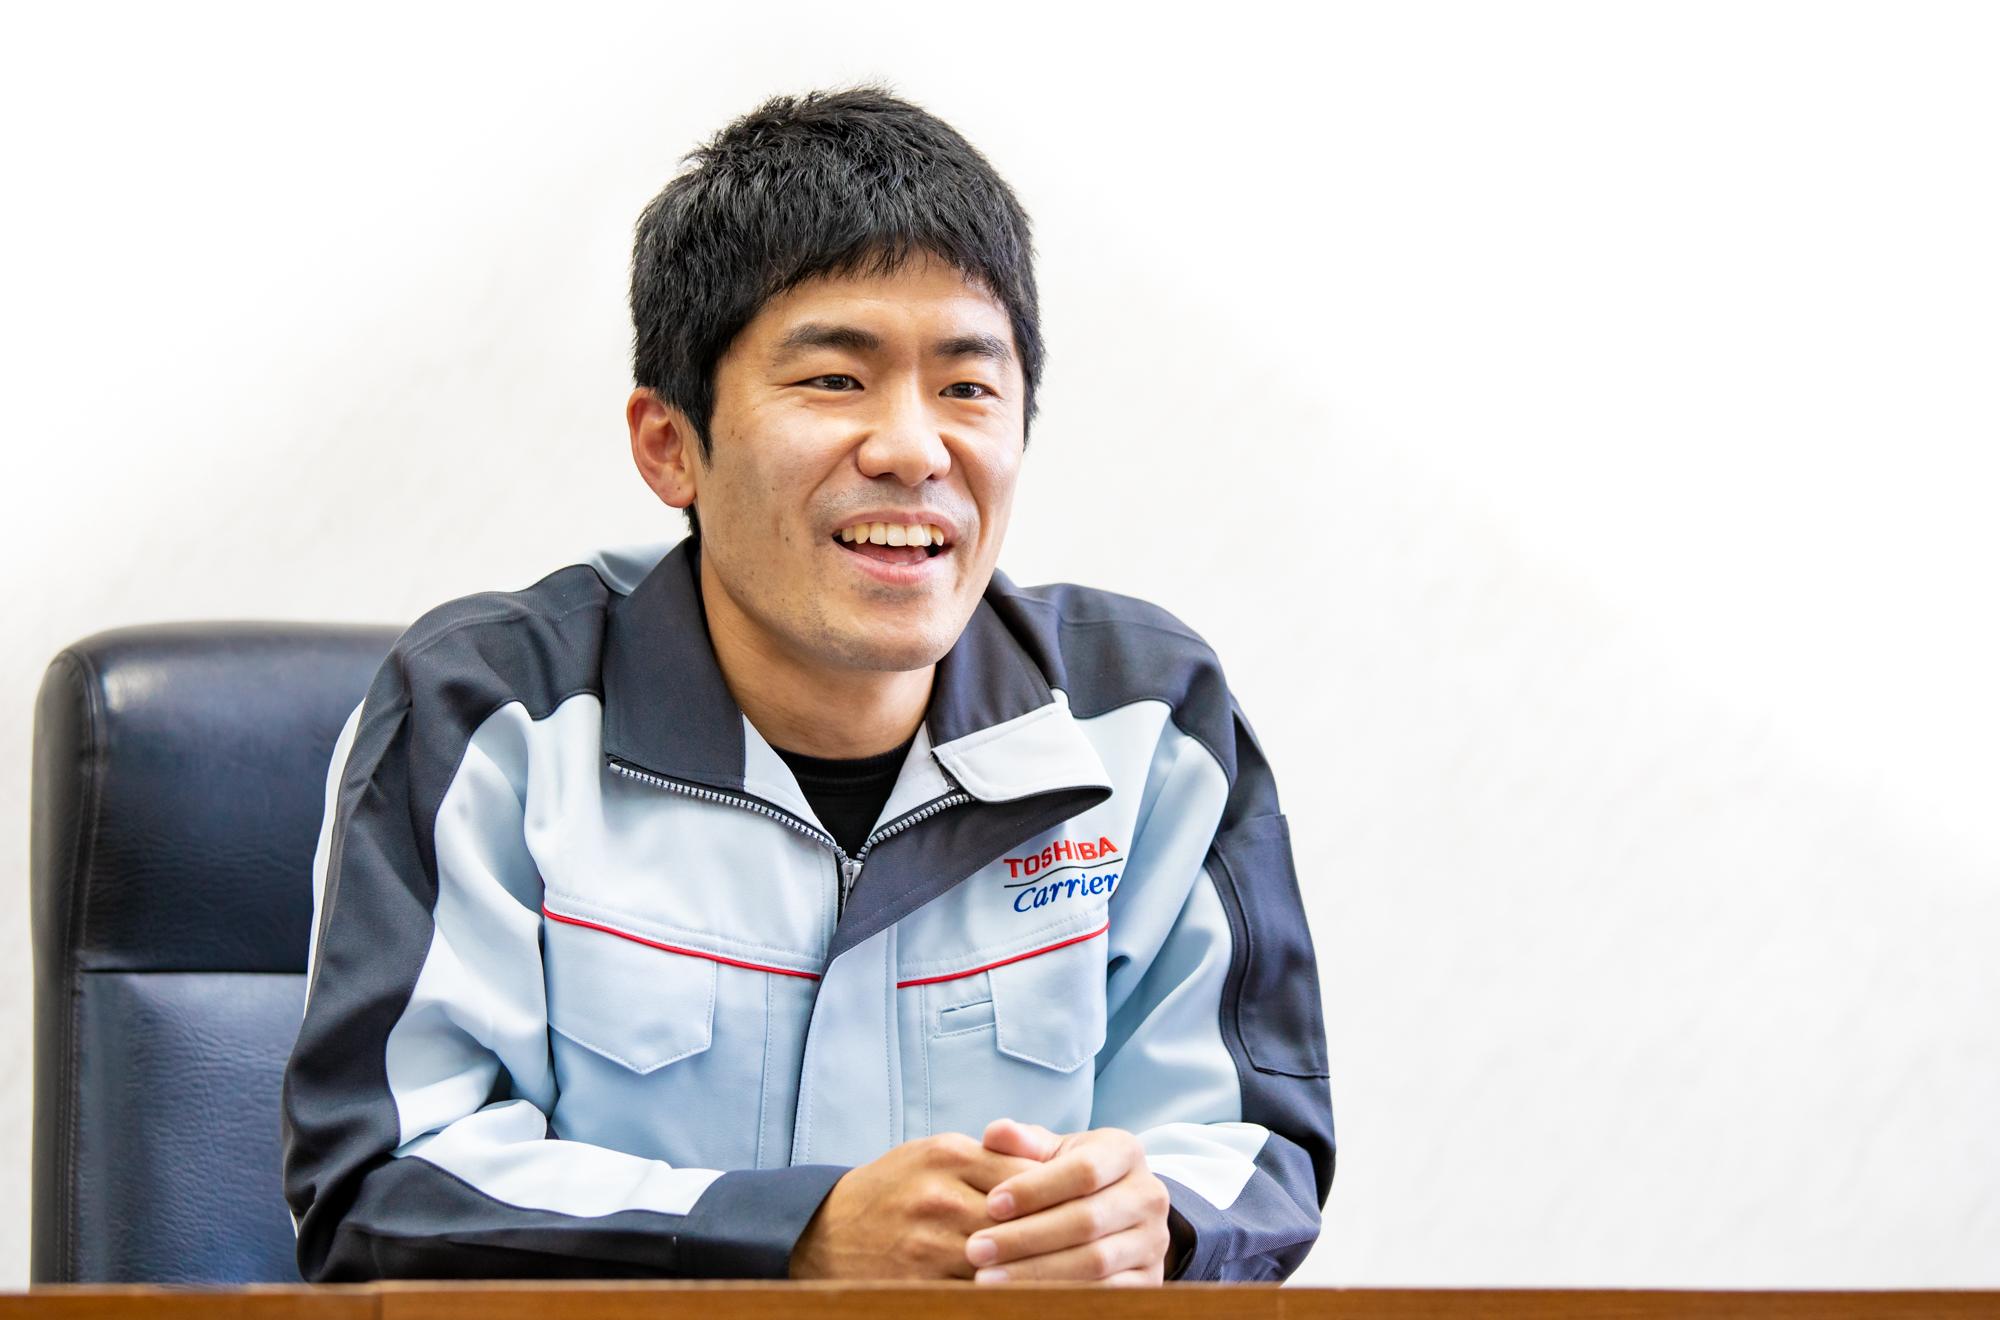 東芝キヤリア株式会社 生産統括部 富士製造部 コンプレッサー部品課 村瀬 真人氏(1)